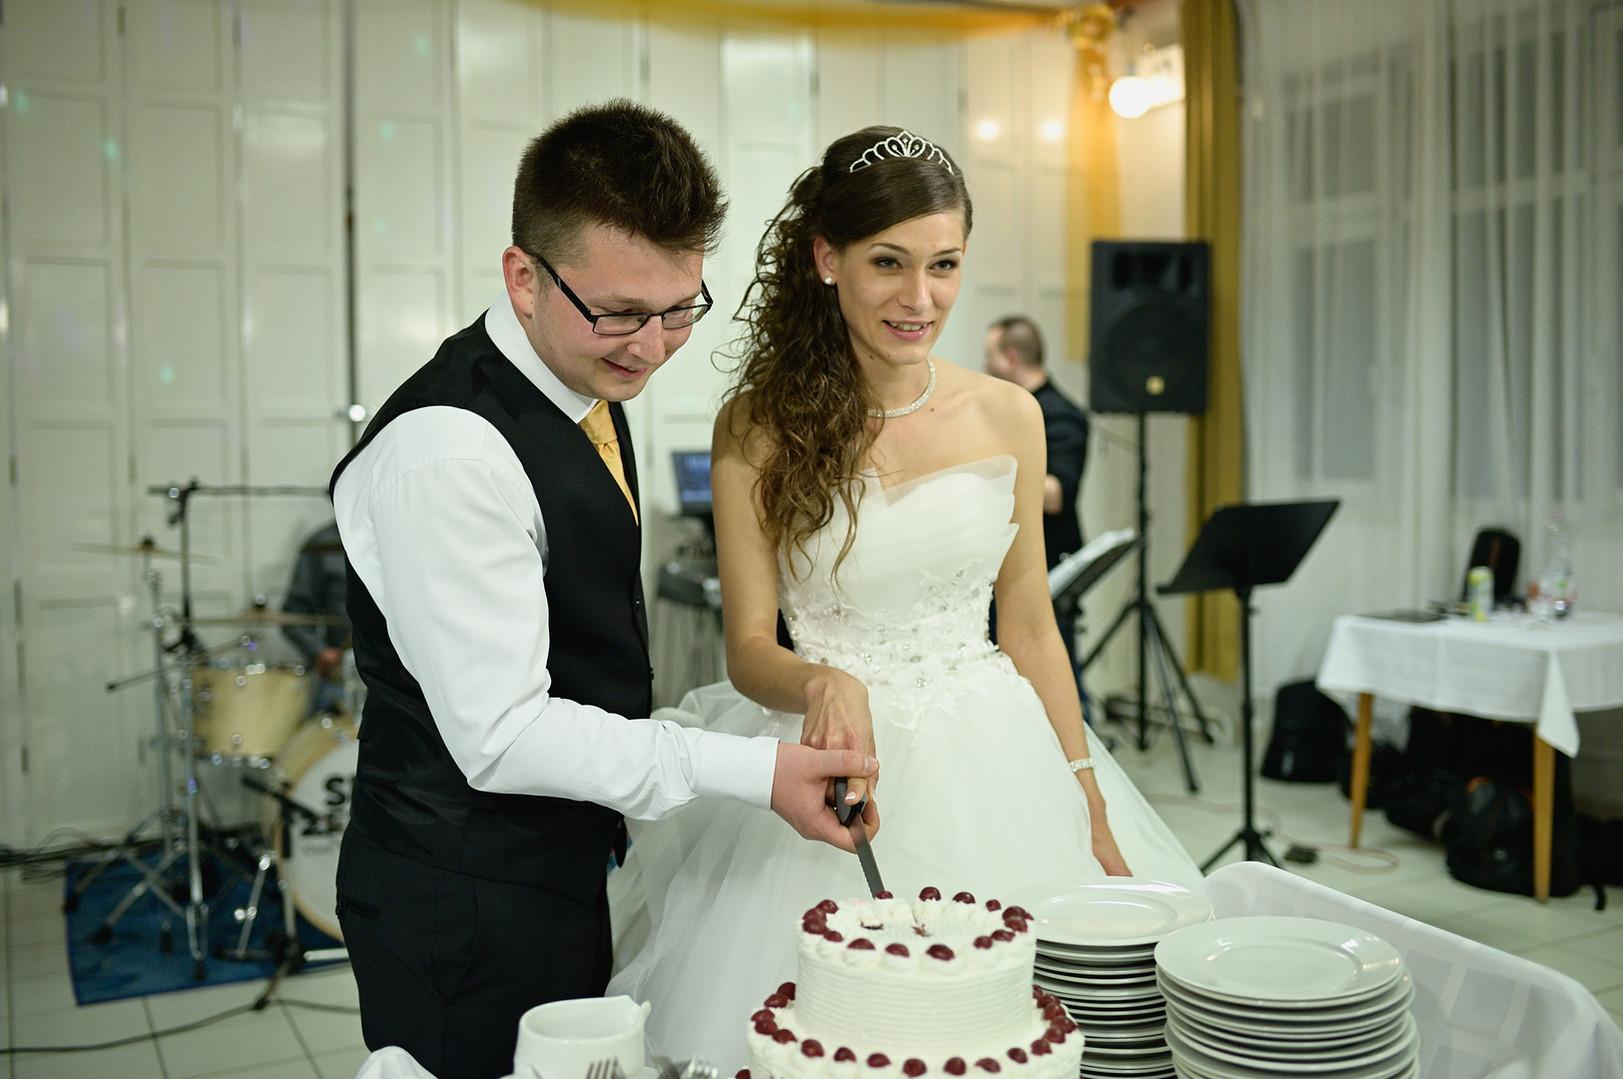 528 - Esküvő fotózás - Dia és Endi  - Bu